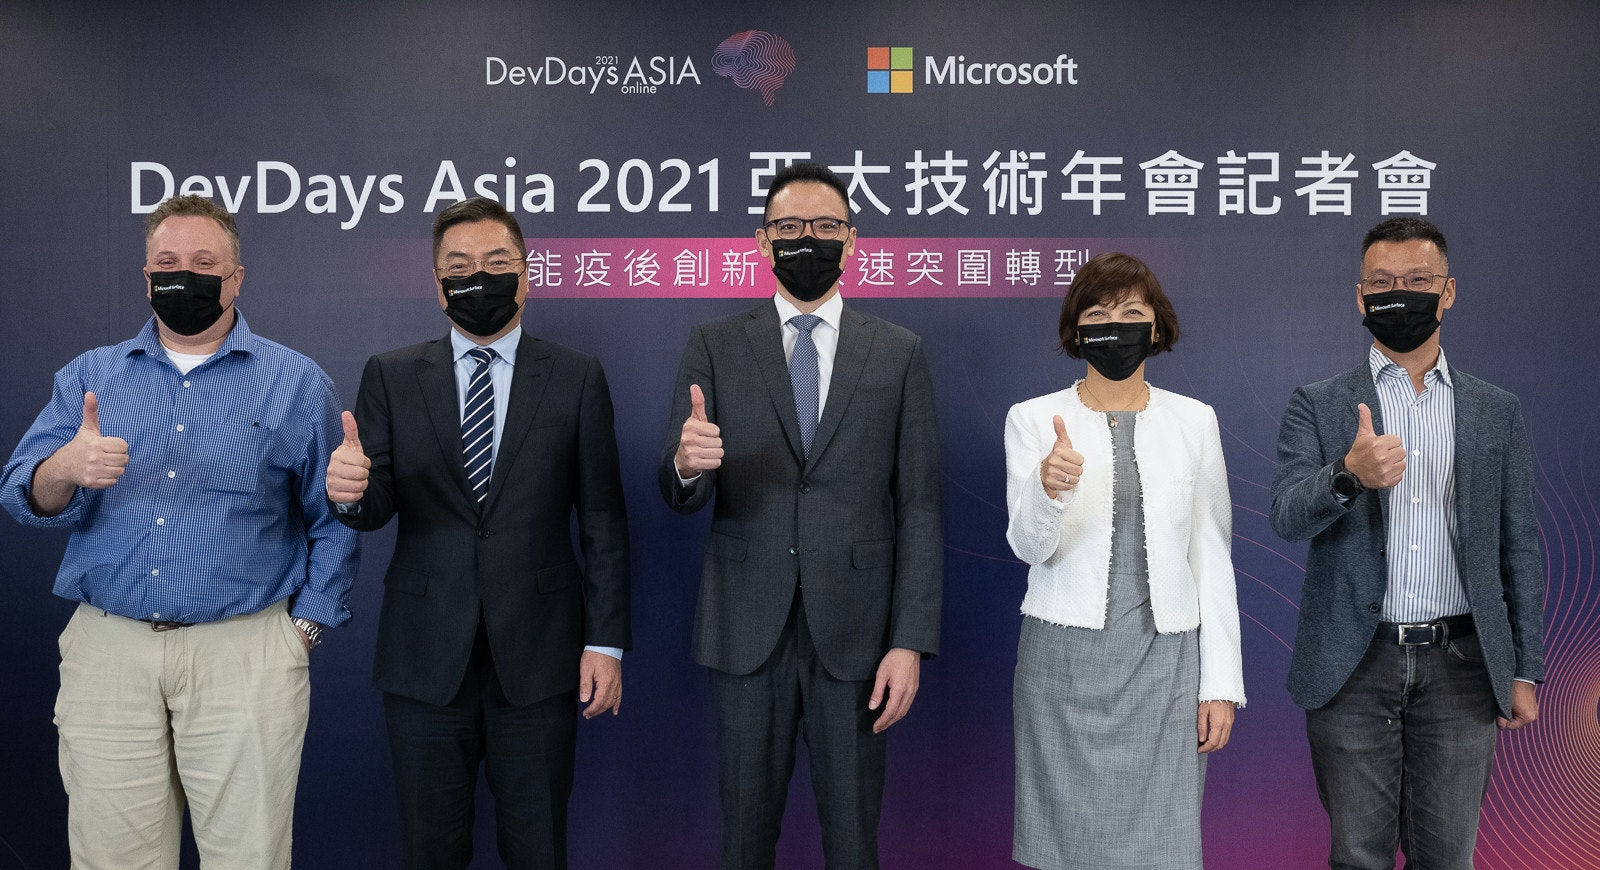 照片中提到了DevDays ASIA、Microsoft、2021,跟微軟公司、波特蘭開拓者隊有關,包含了紳士、微軟、Surface Book 2、電腦